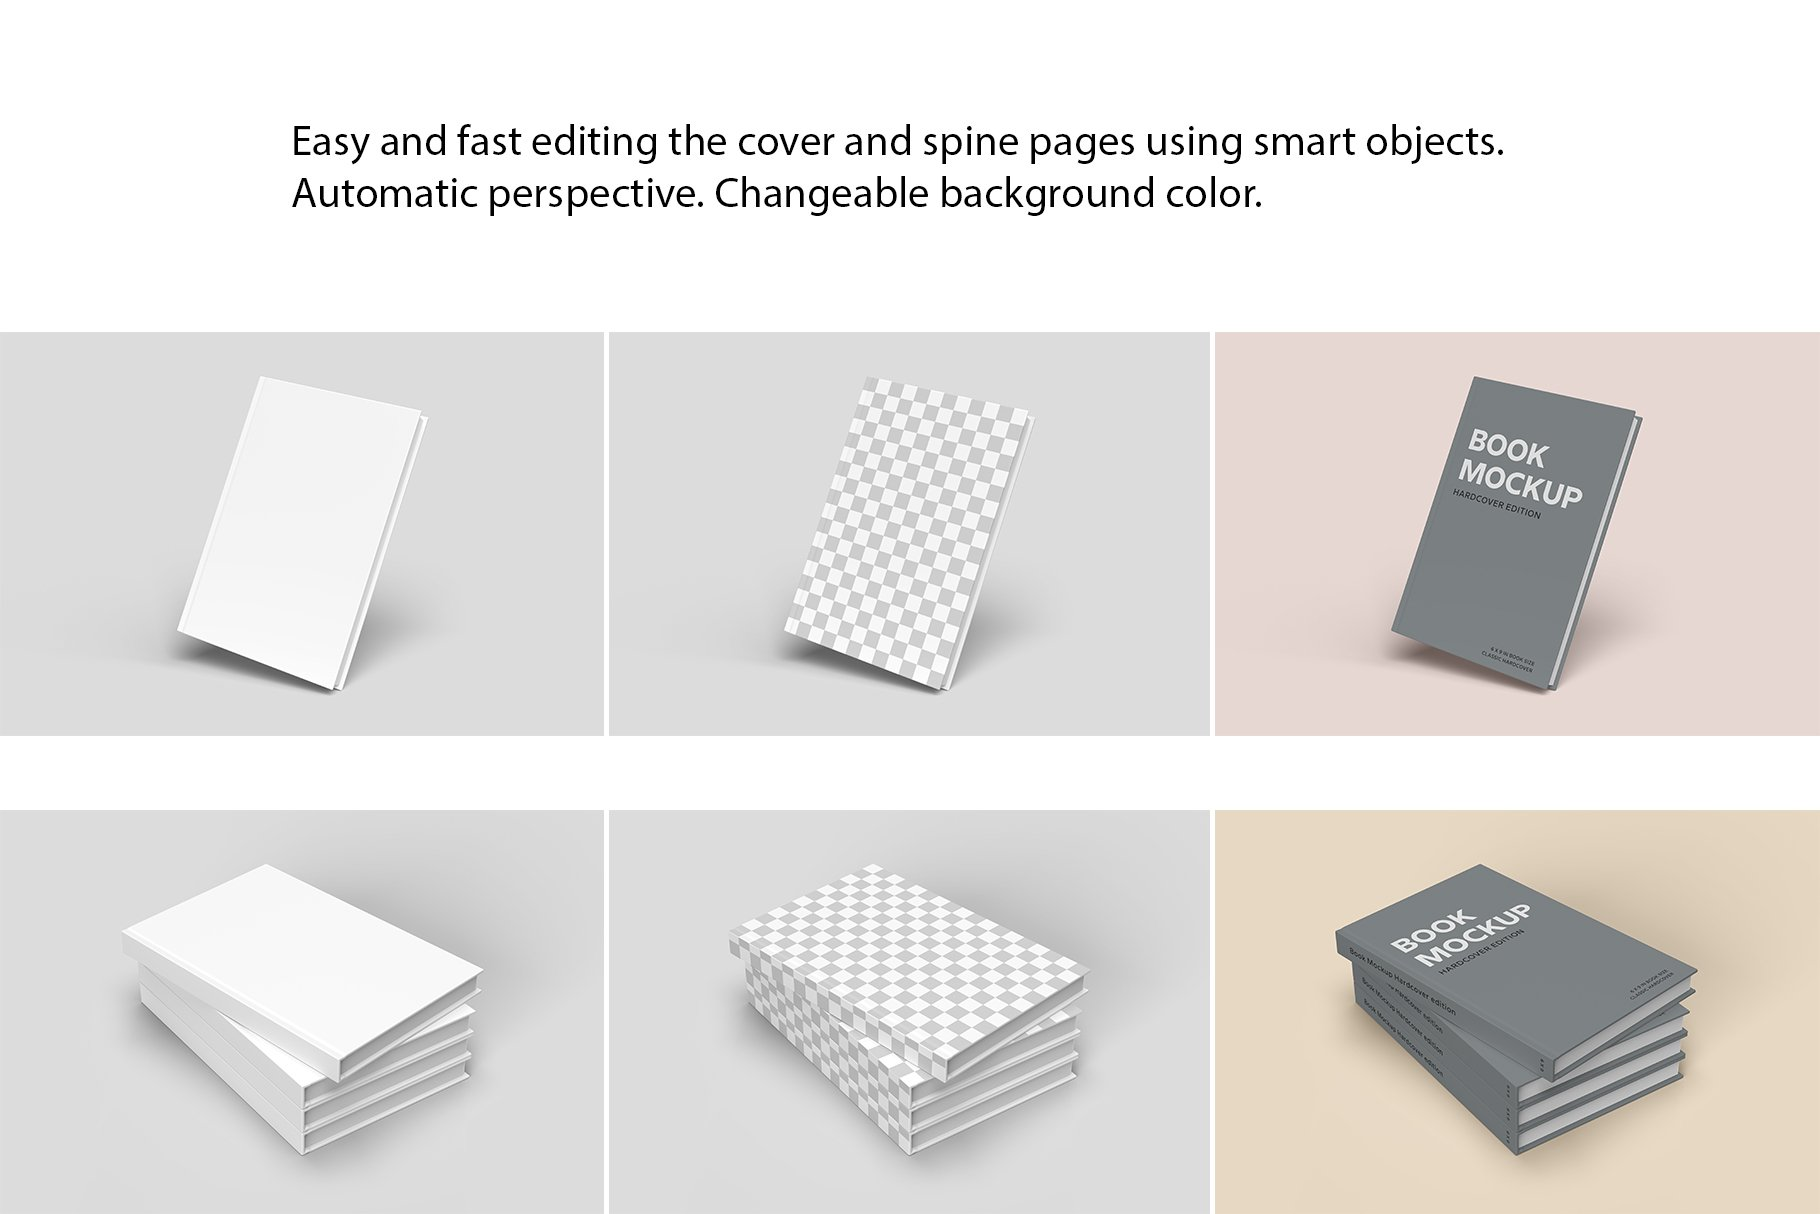 精装书硬皮书画册设计展示贴图样机 Hardcover Book Mockup插图6